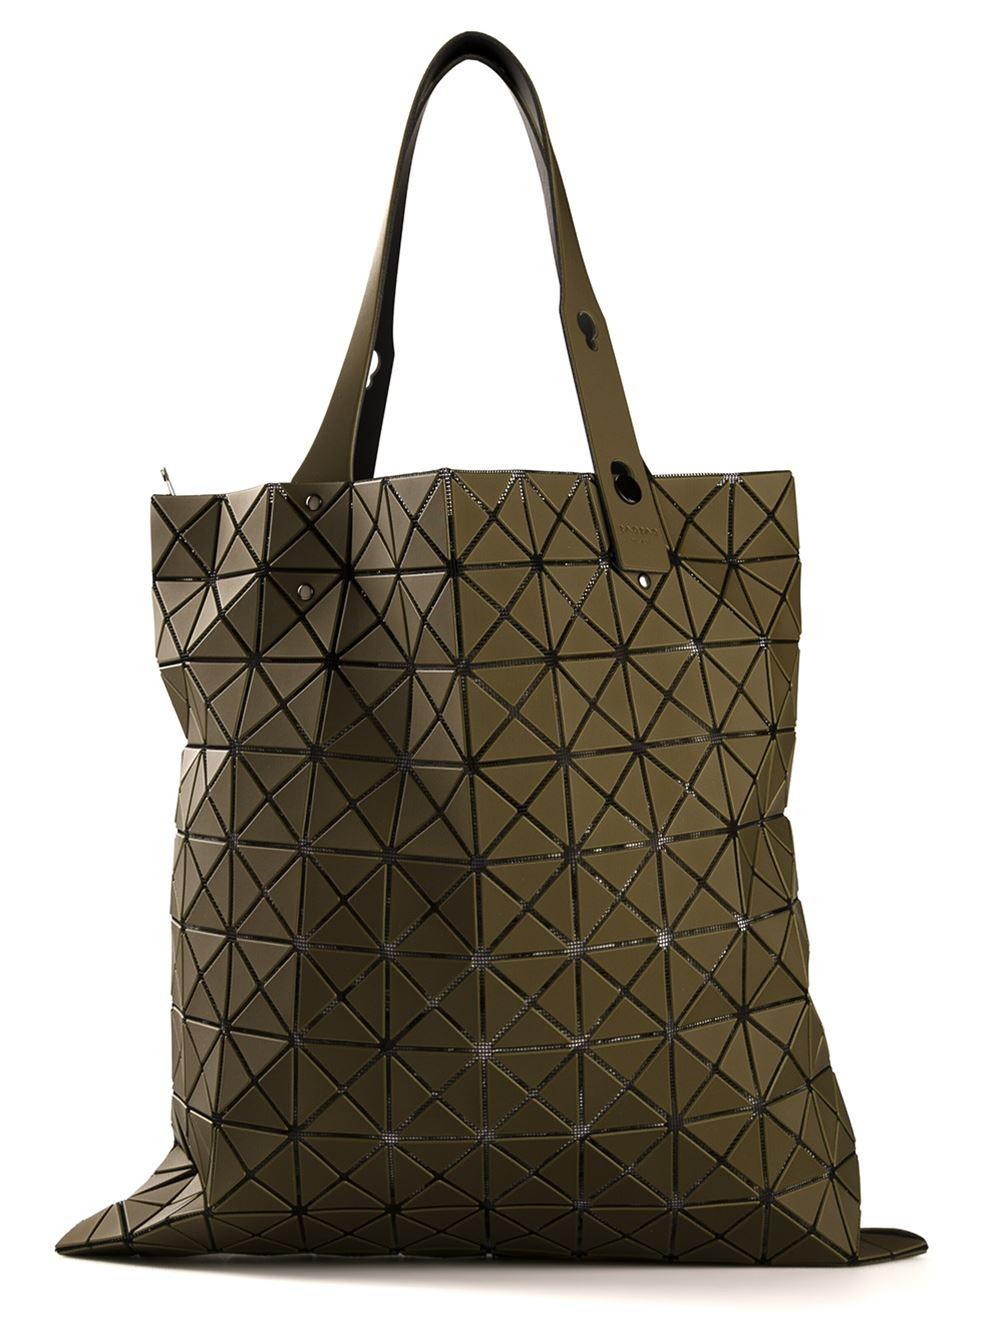 Bao Bao Issey Miyake Geometric Tote Bag in Green Lyst a61194c835c